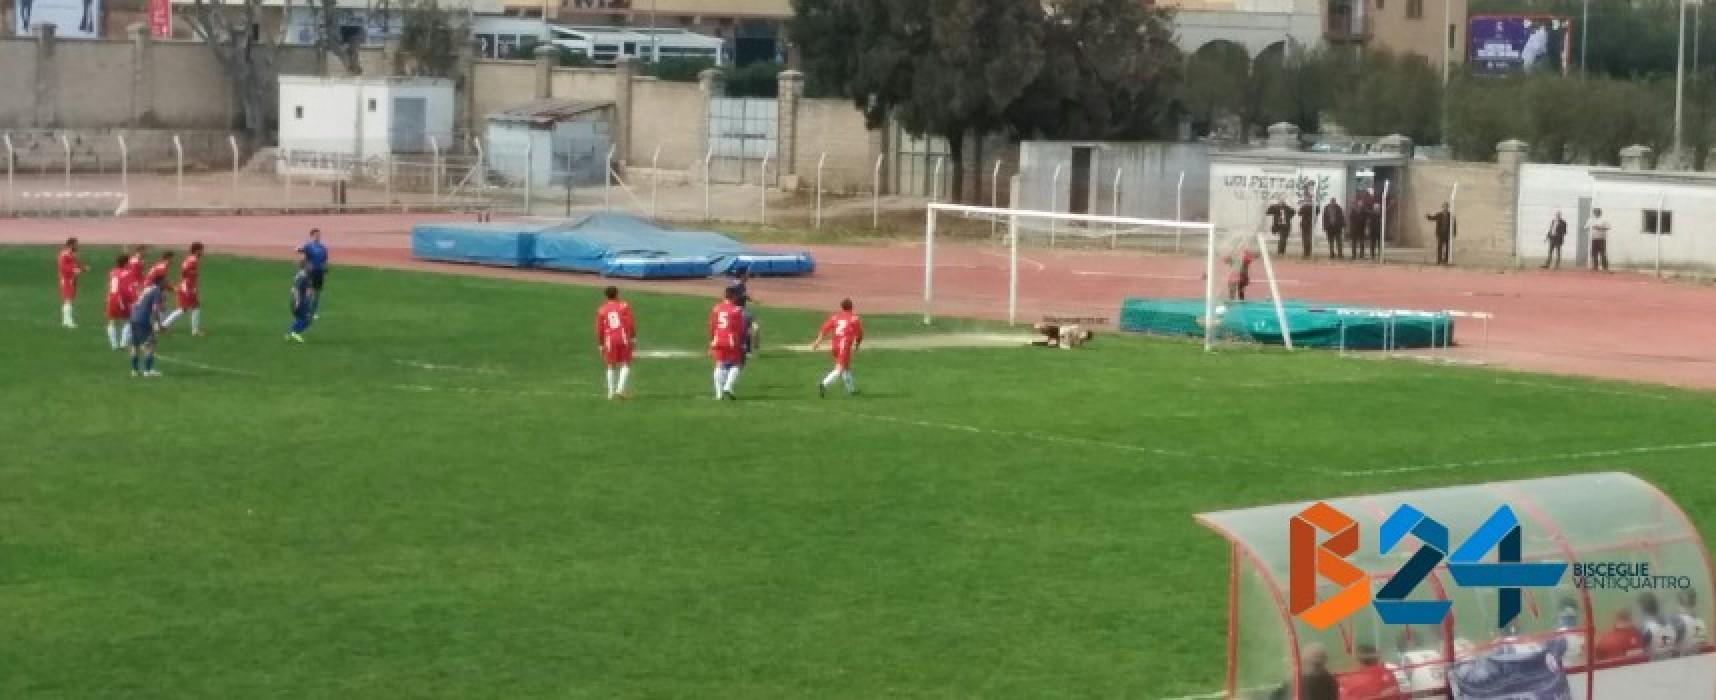 Blitz mattutino per l'Unione Calcio, 0-2 in casa della Nuova Molfetta